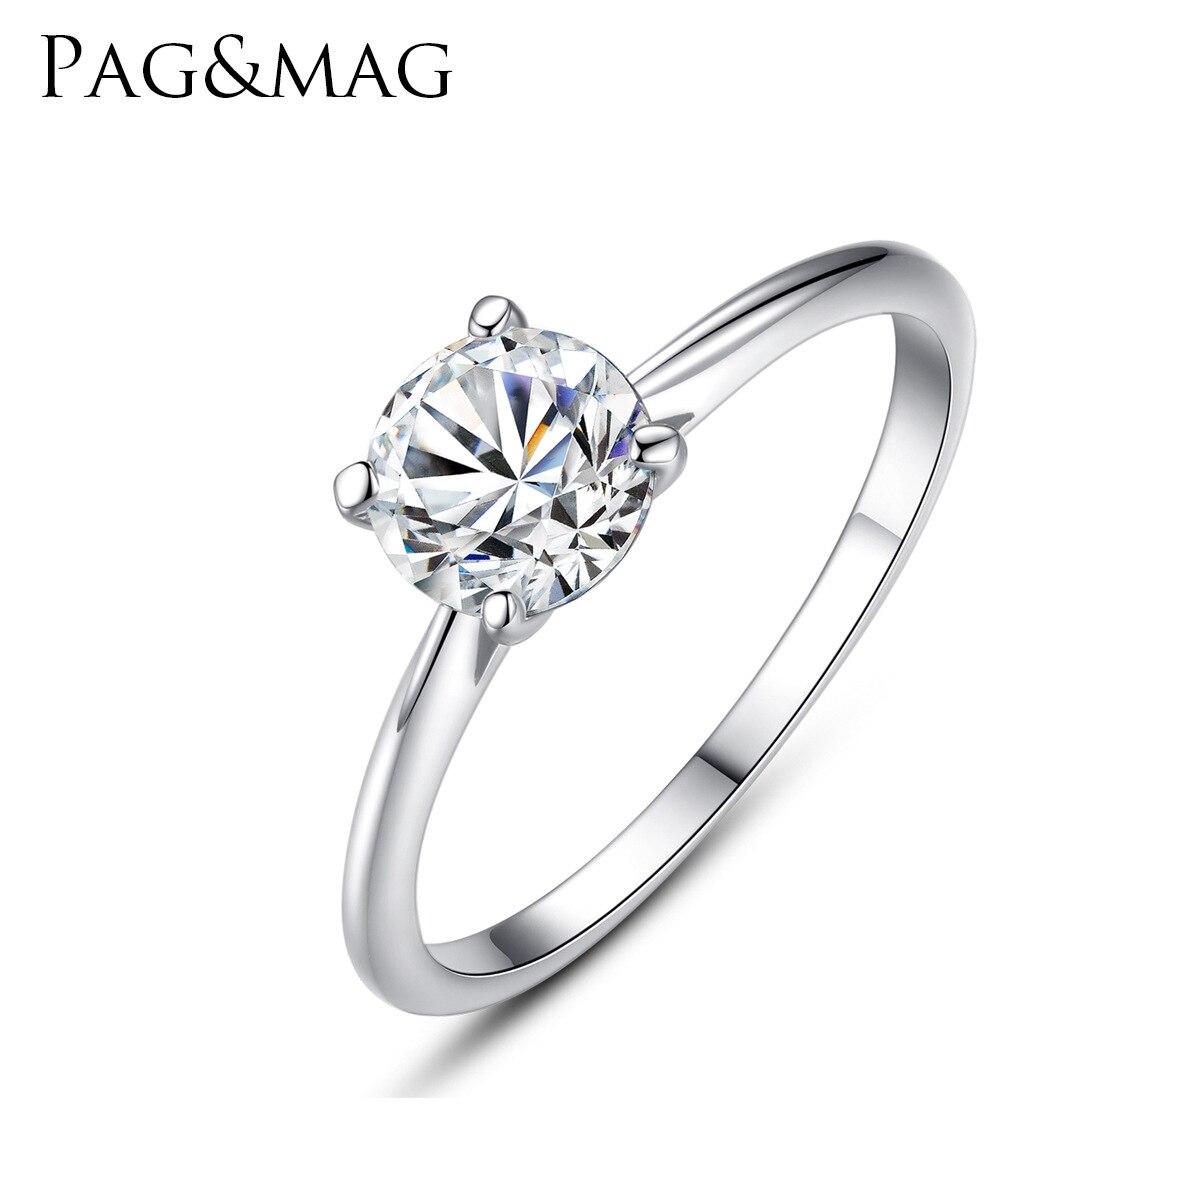 PAG & MAG S925 bague de fiançailles en argent Sterling 6mm huit coeur huit flèche zircon bague de mariage sr0008